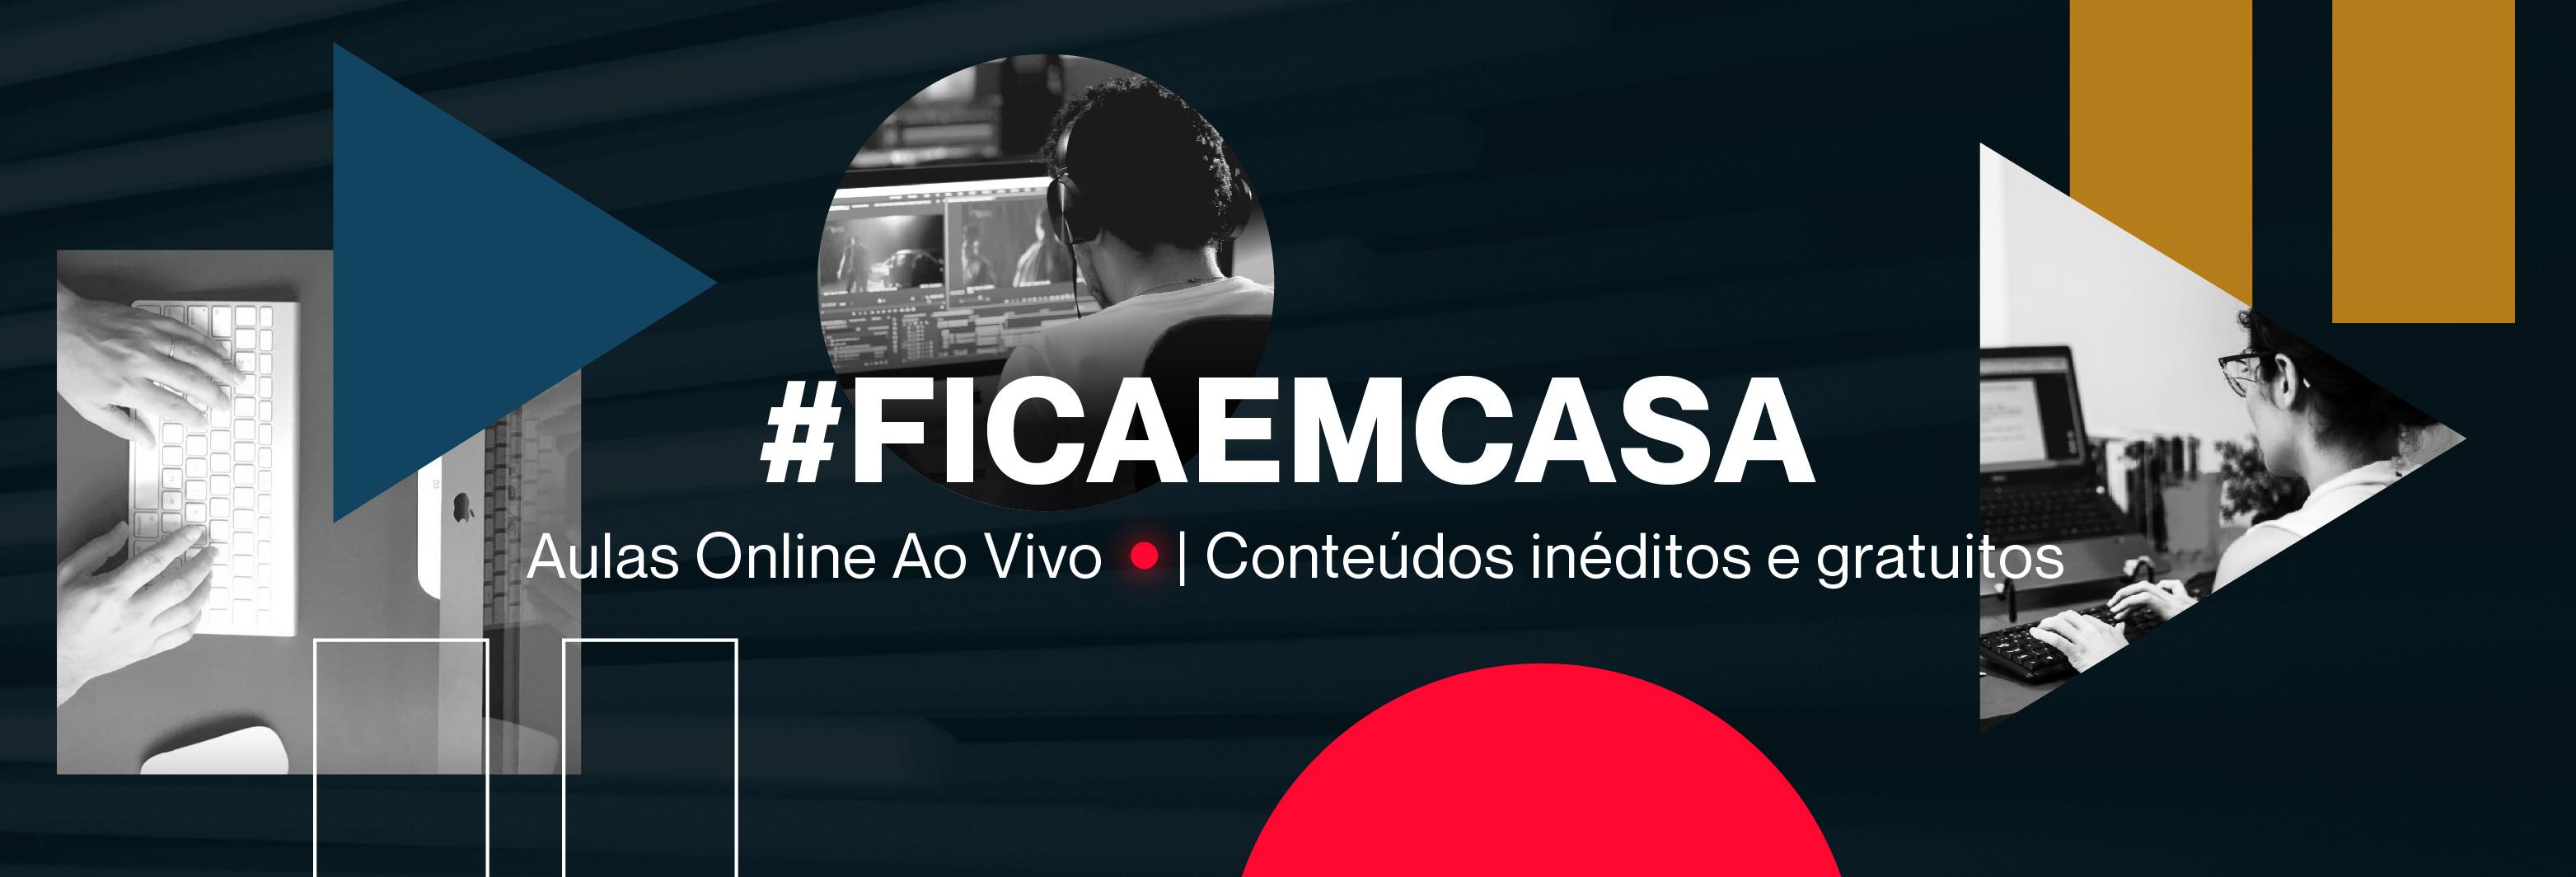 LIVE (HOJE) com grandes realizadores #FicaEmCasa